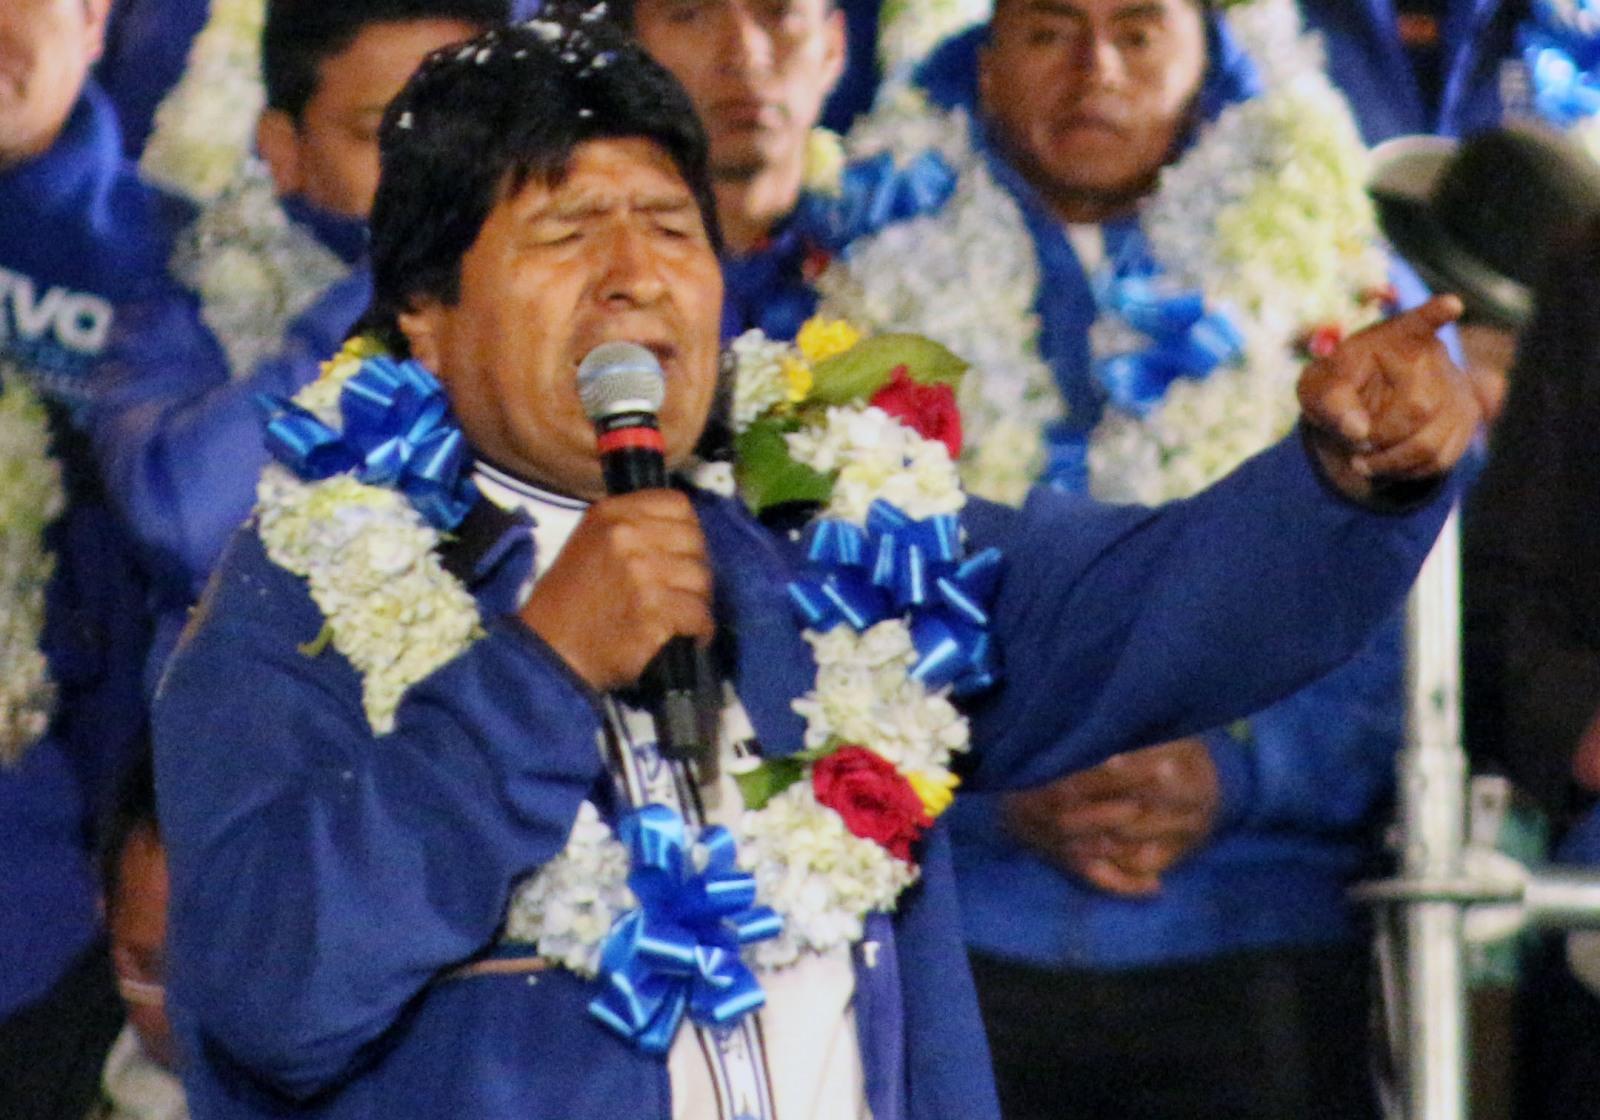 Ao gritar fraude, OEA sustentou golpe na Bolívia. Mas, não houve fraude